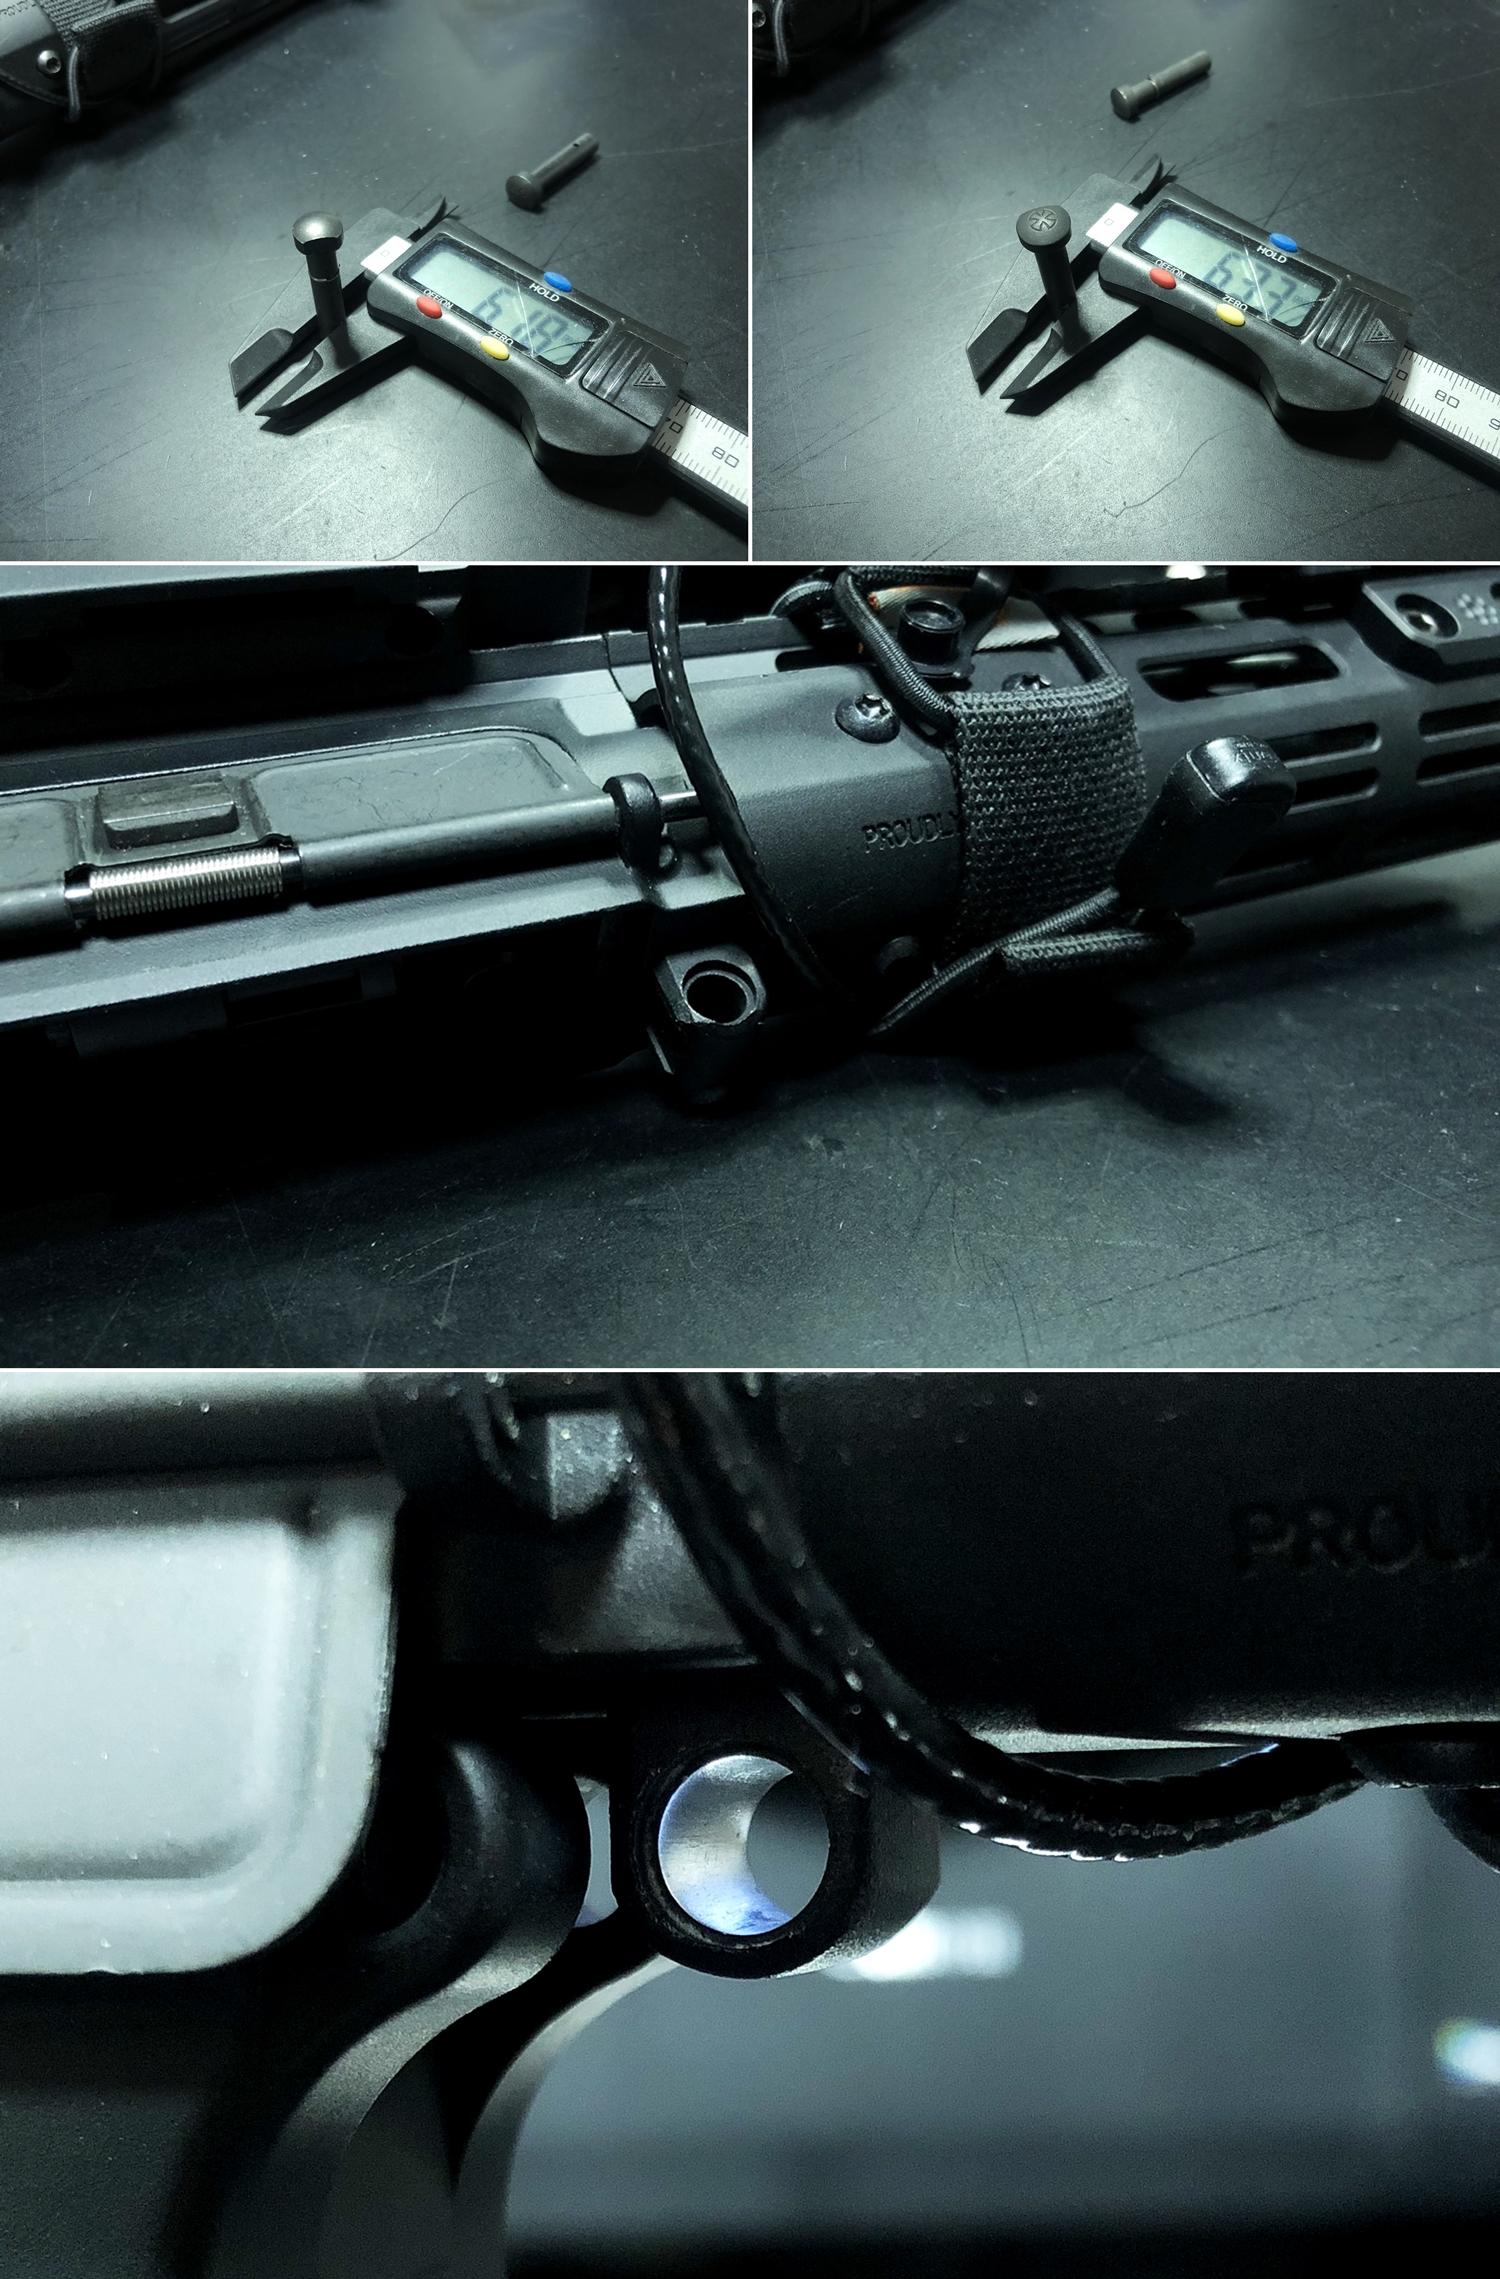 17 実物 NOVESKE AR-15 TAKEDOWN & PIVOT STEEL PIN!! 実物ピンを次世代M4へ対応させるべく簡易的DIY加工だ!ノベスケ ノベスキー スチール テイクダウン ピポッドピン! DIY 加工 カスタム 簡易的 旋盤加工 取付 レビ